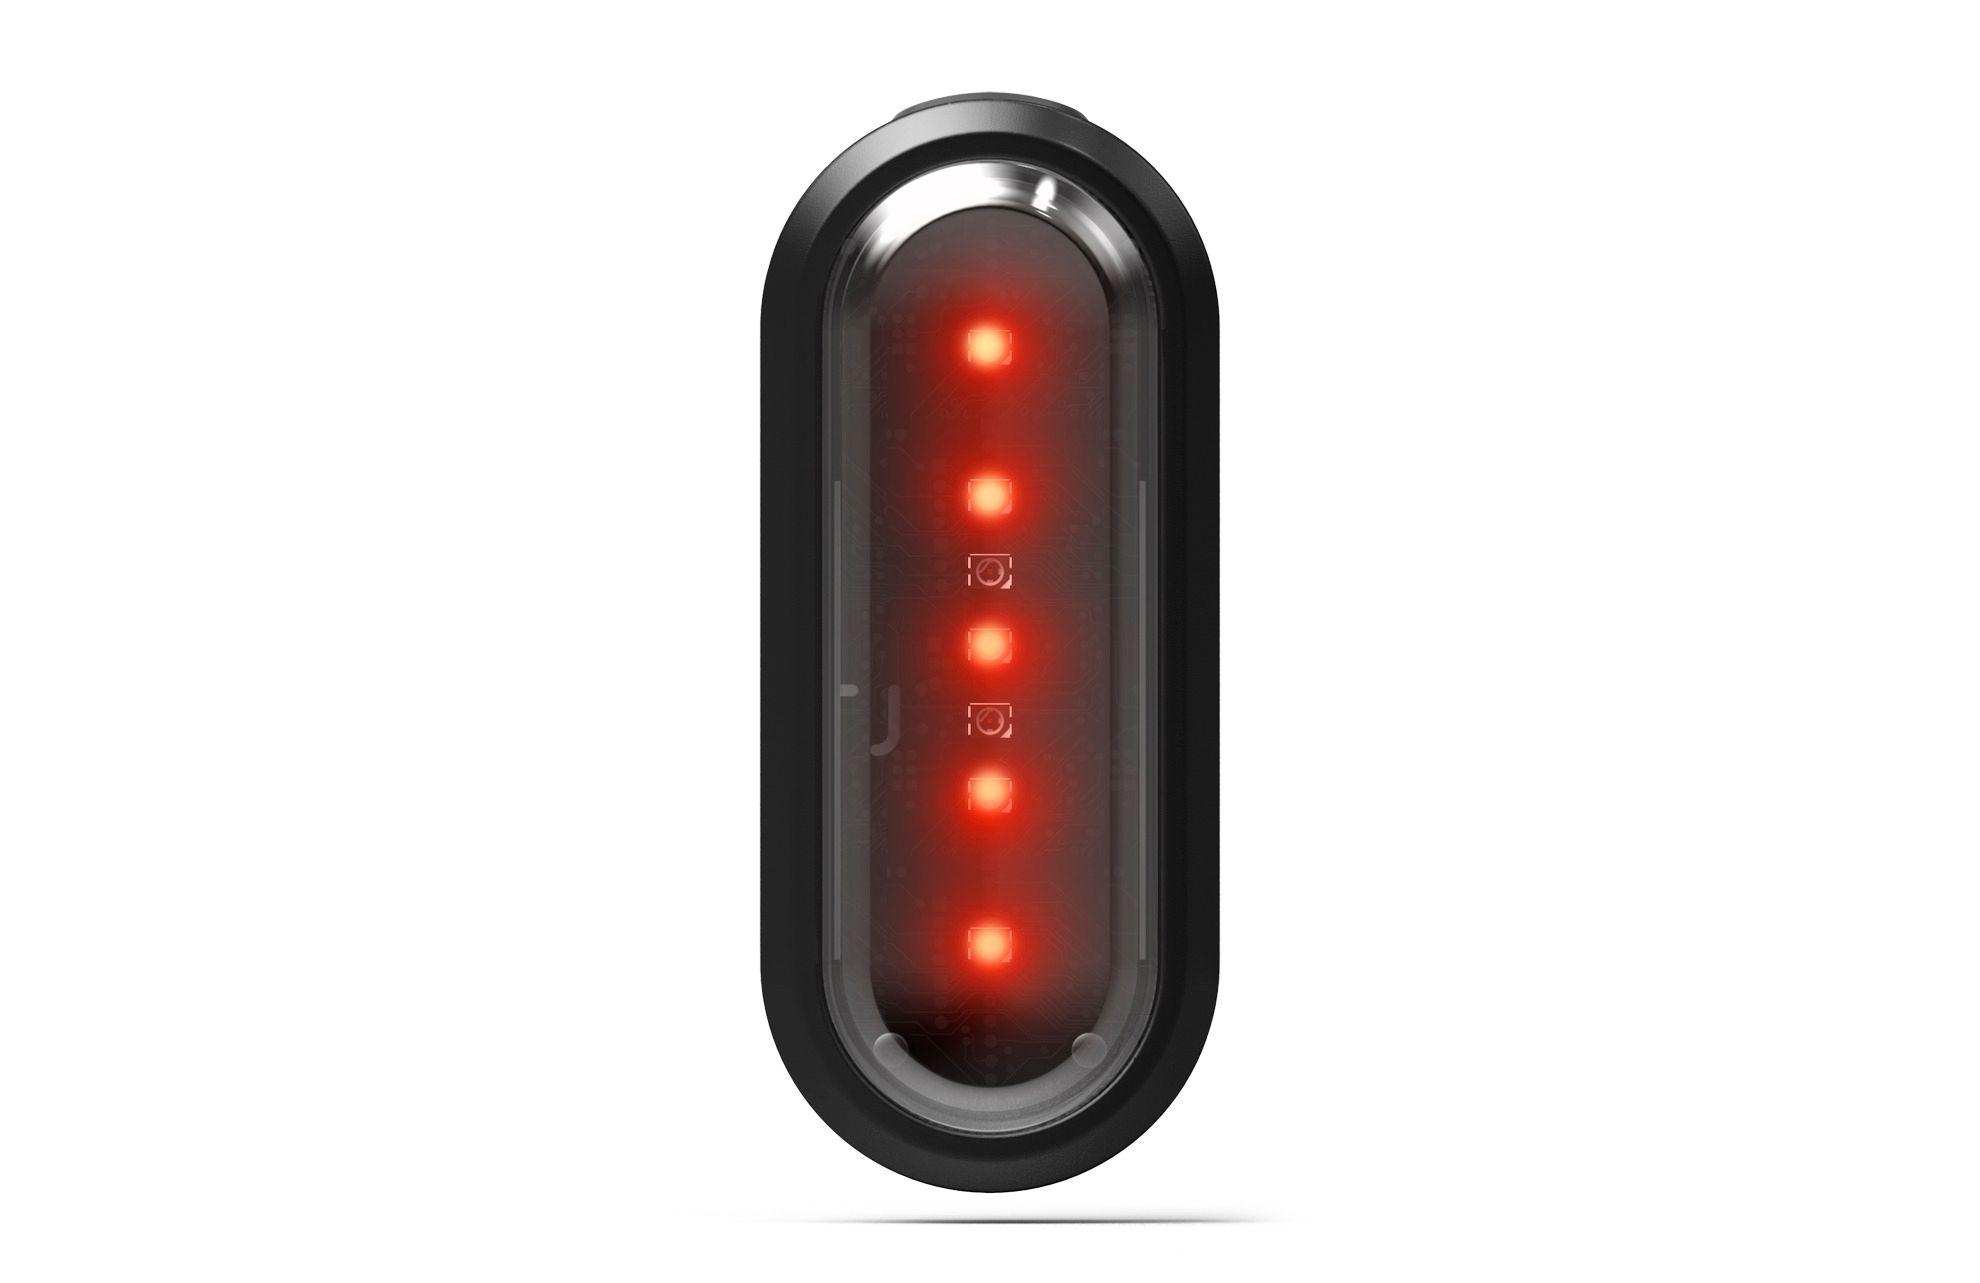 Et ekstra baklys kan kjøpes til. Dette har dessuten retningsindikatorer integrert, slik at du kan blinke før du tar av.